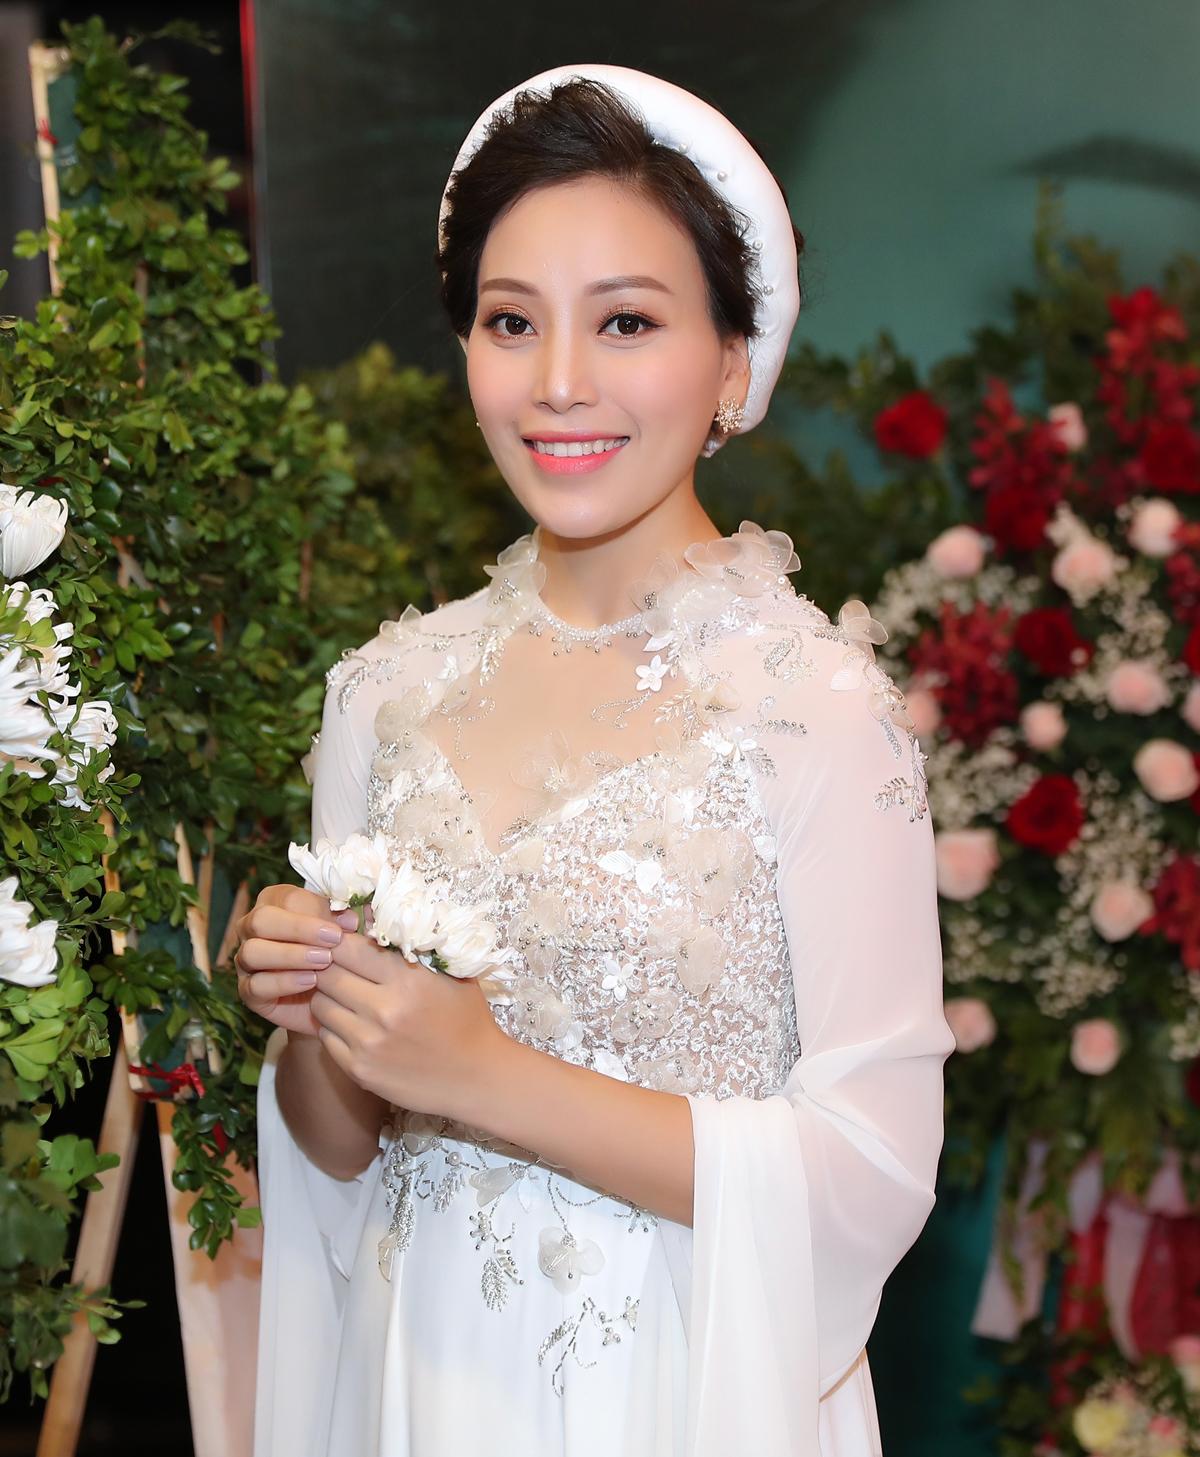 Huyền Trang.